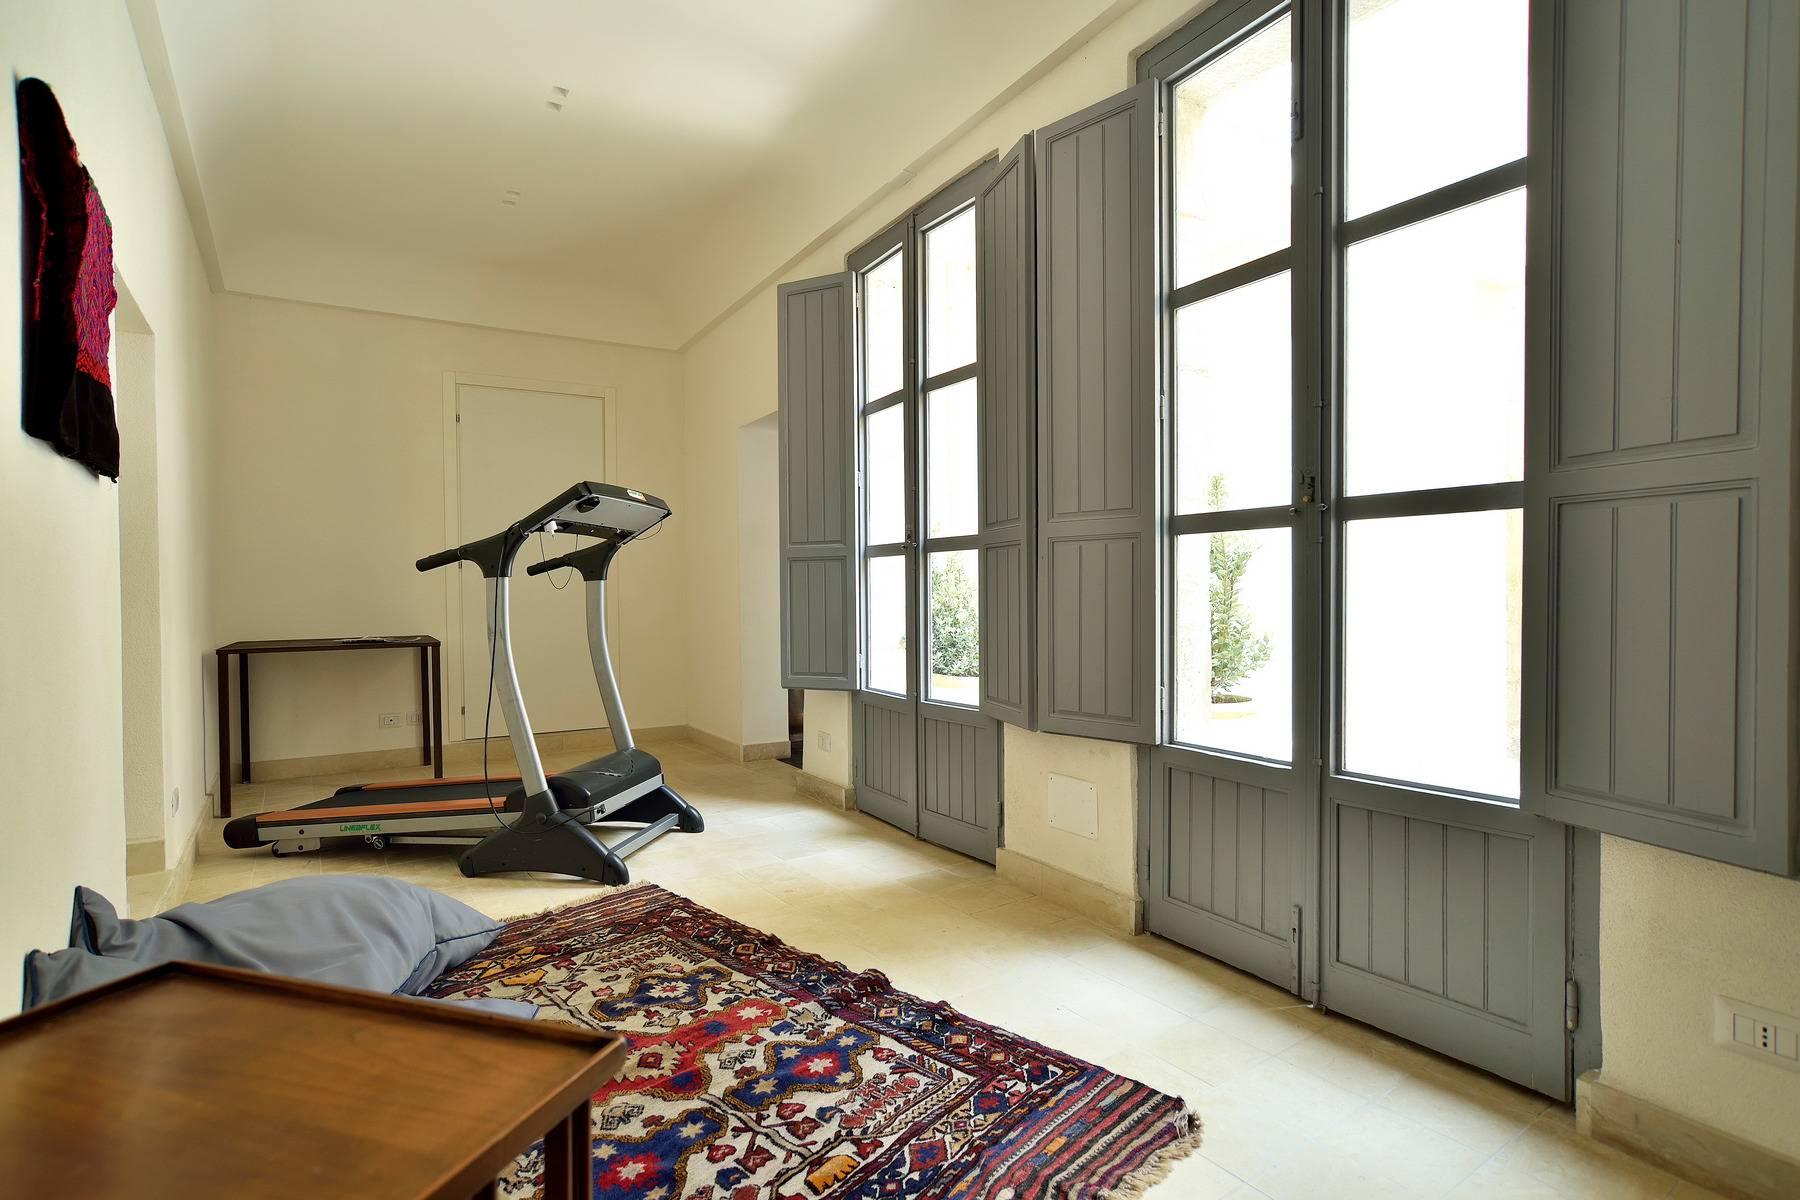 Casa indipendente in Vendita a Modica: 5 locali, 185 mq - Foto 24